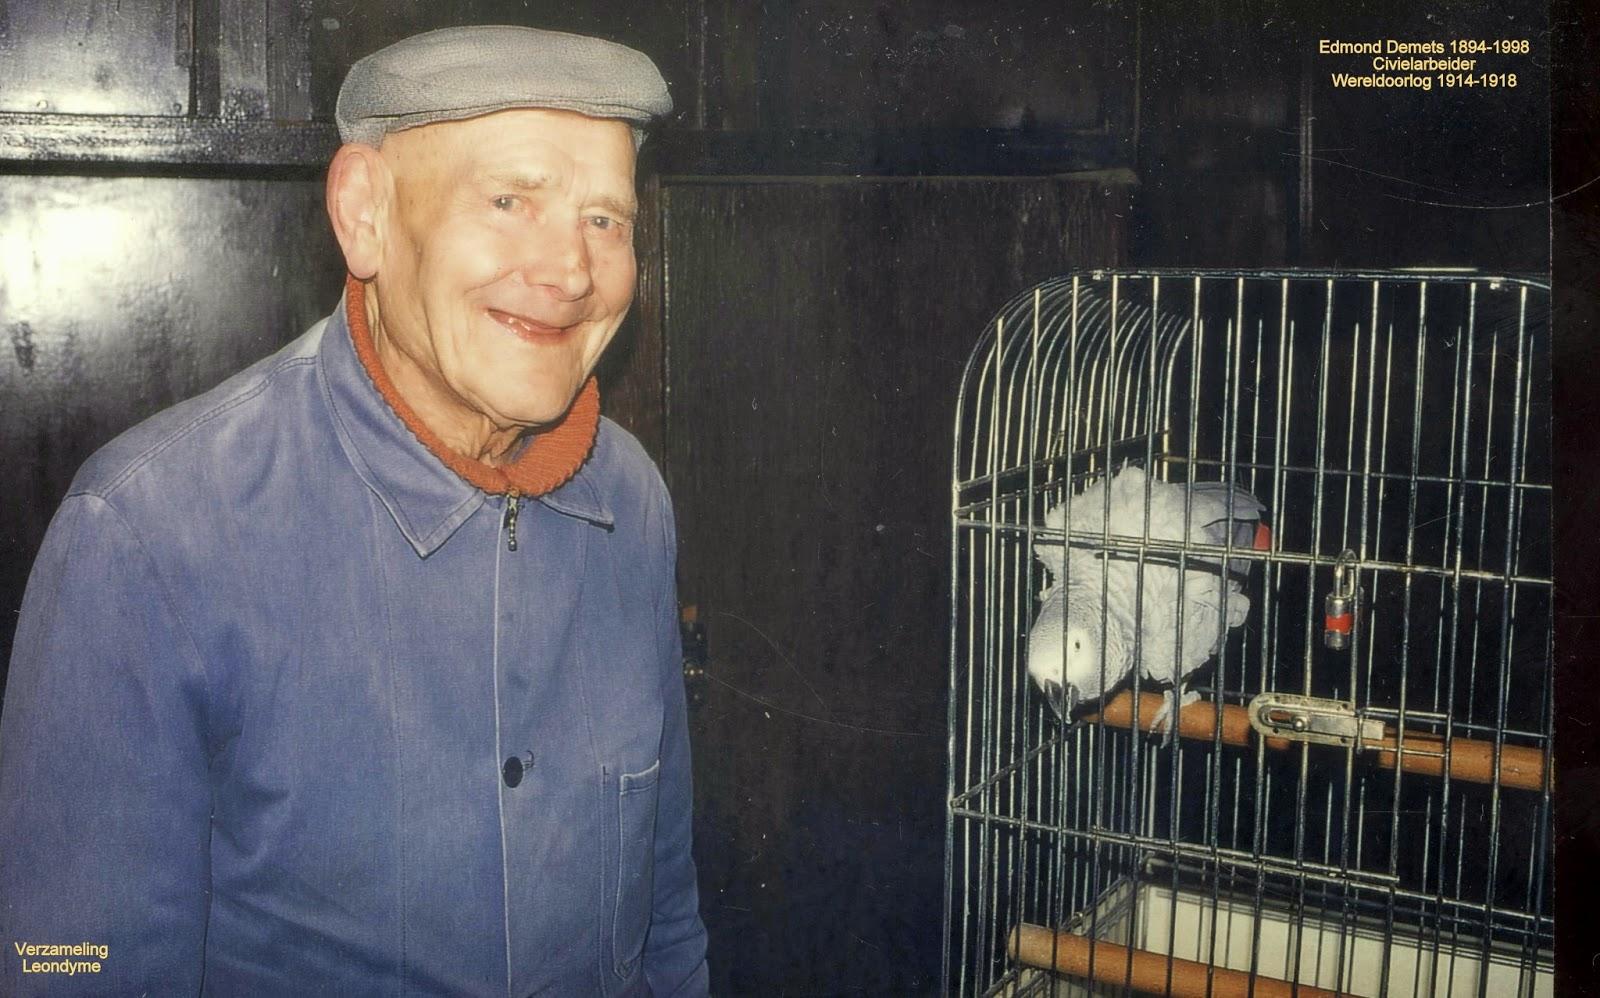 Edmond Demets 1894-1998. Verzameling Leondyme